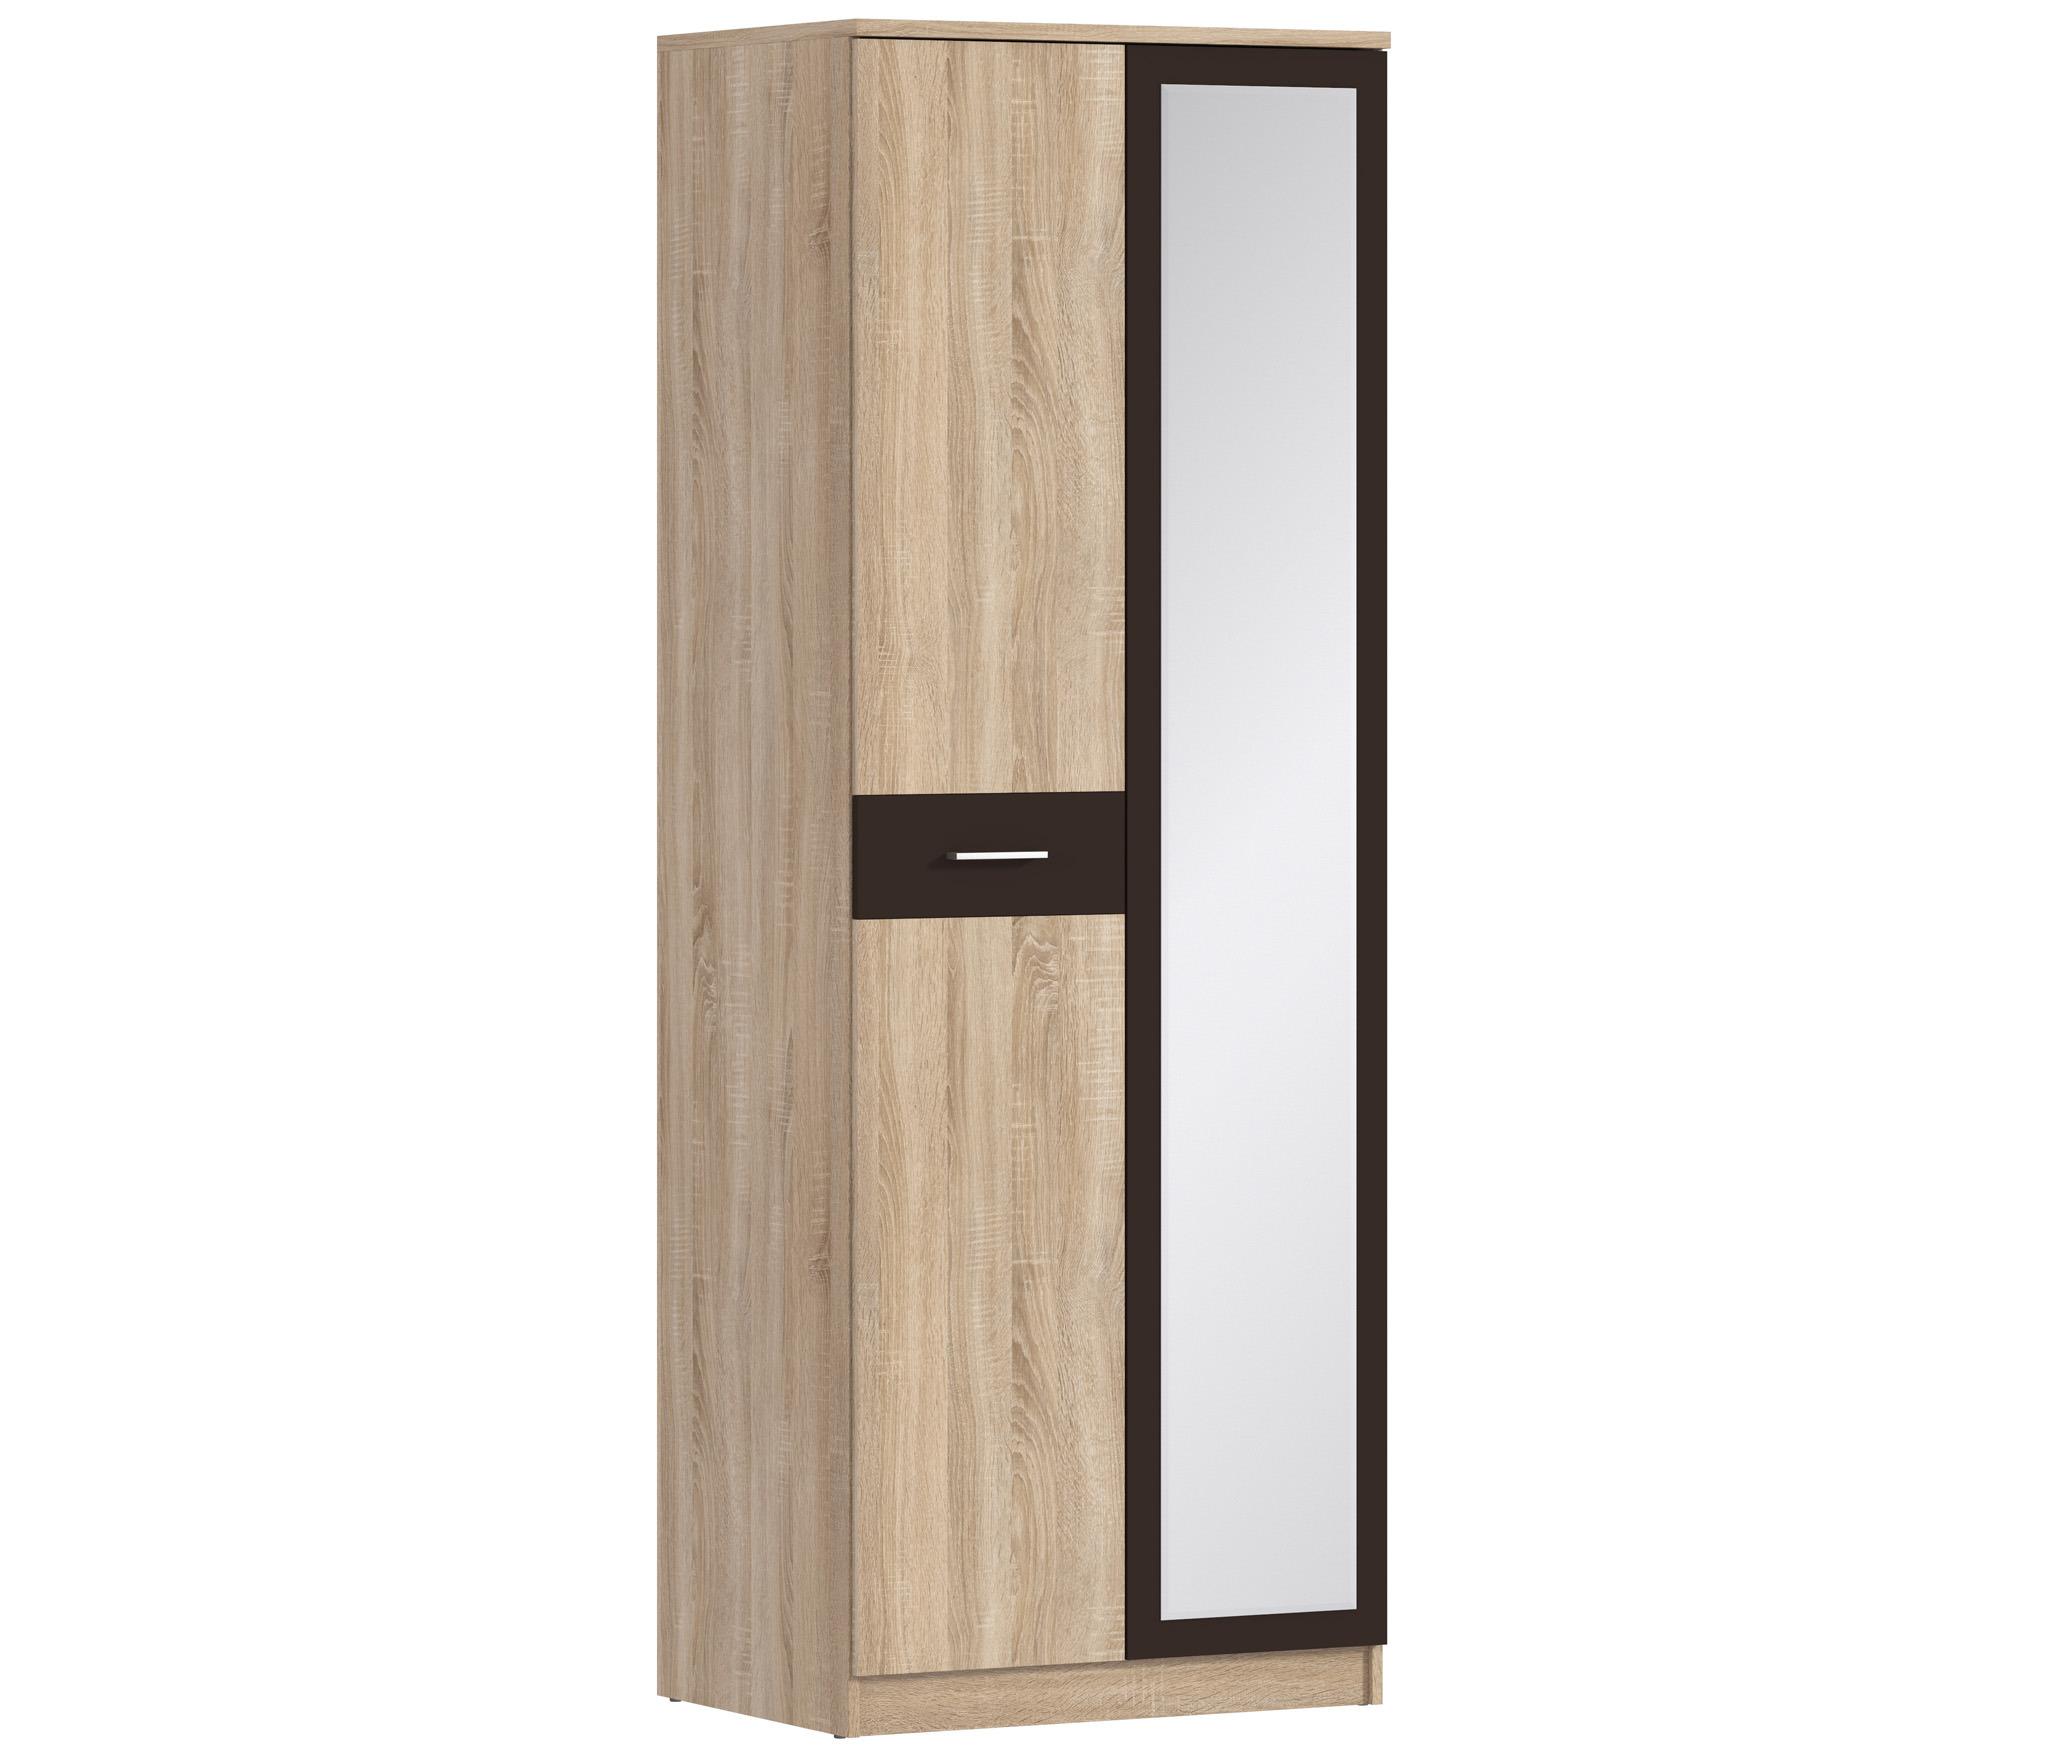 Клео СБ-2008 Шкаф 2-х дверный с зеркаломШкафы<br><br><br>Длина мм: 0<br>Высота мм: 0<br>Глубина мм: 0